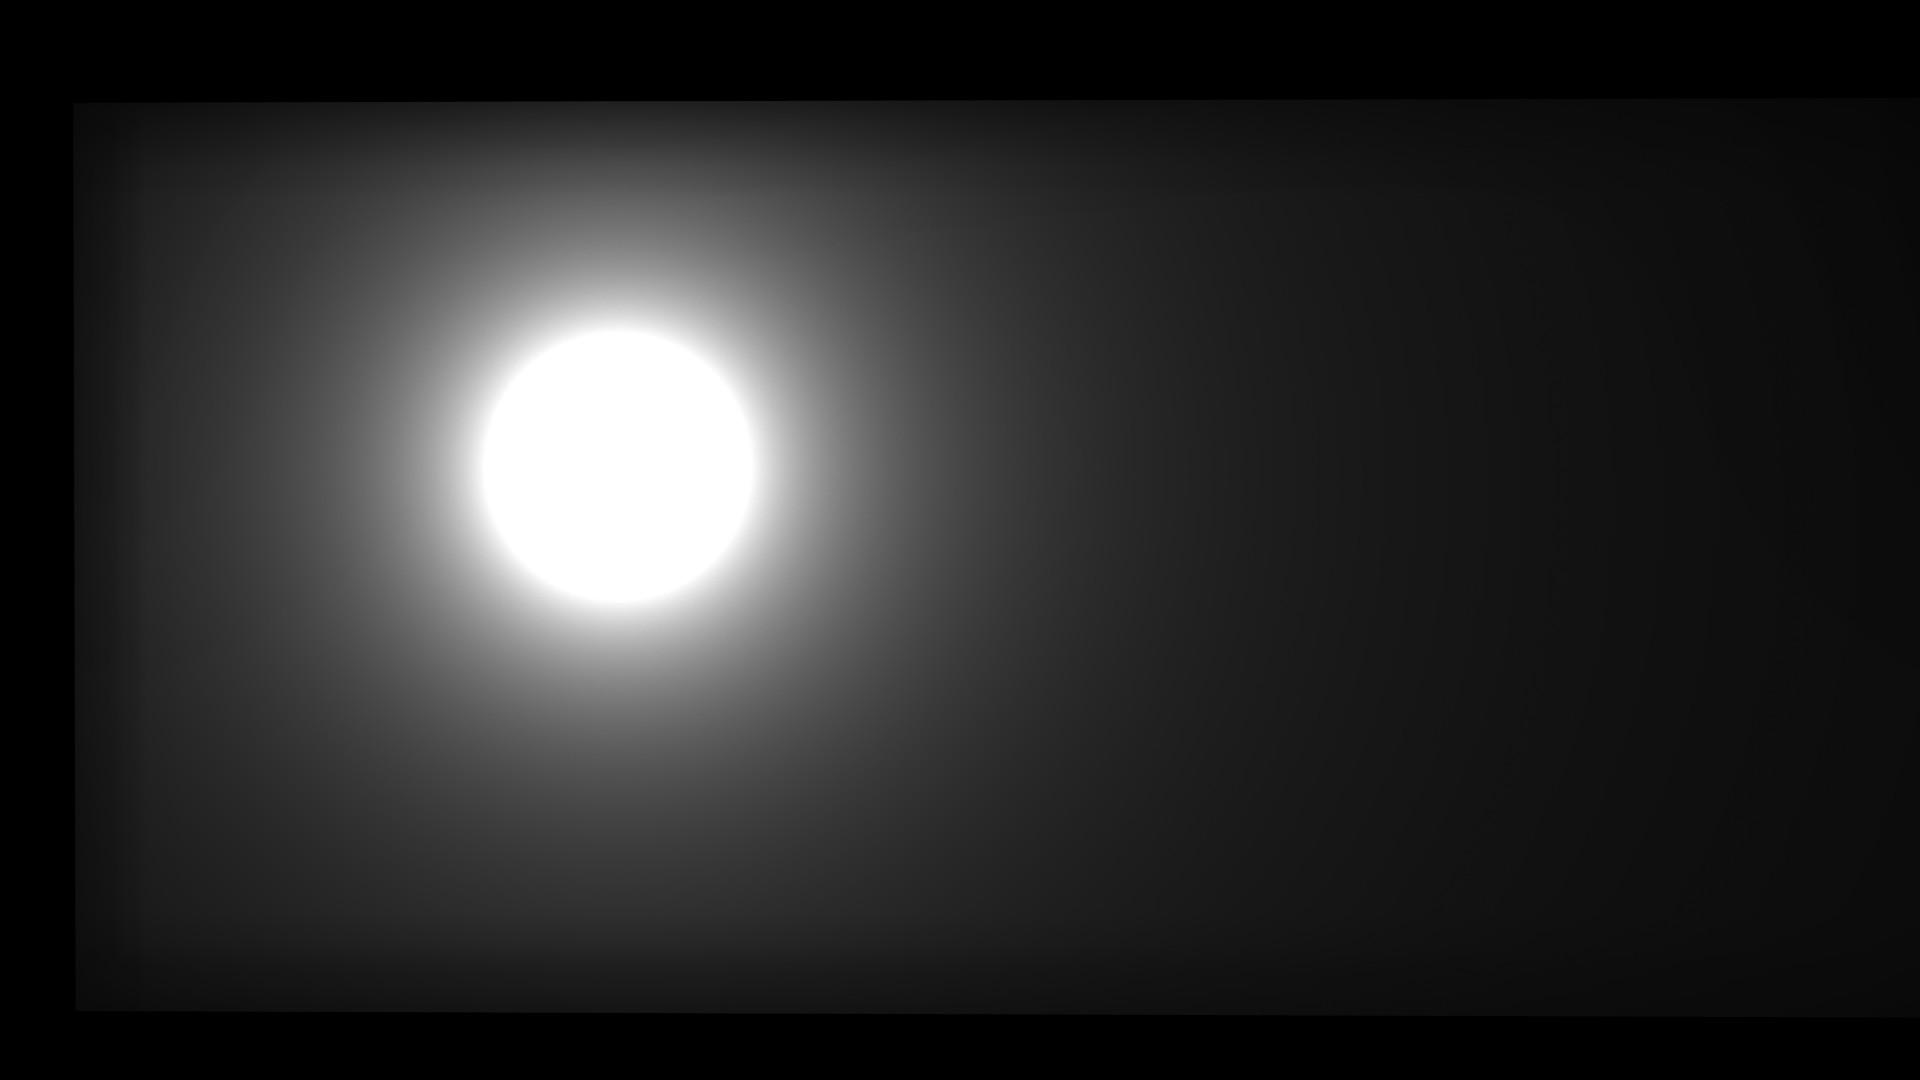 quadratic_white_spot.jpg.a6513137d4da431